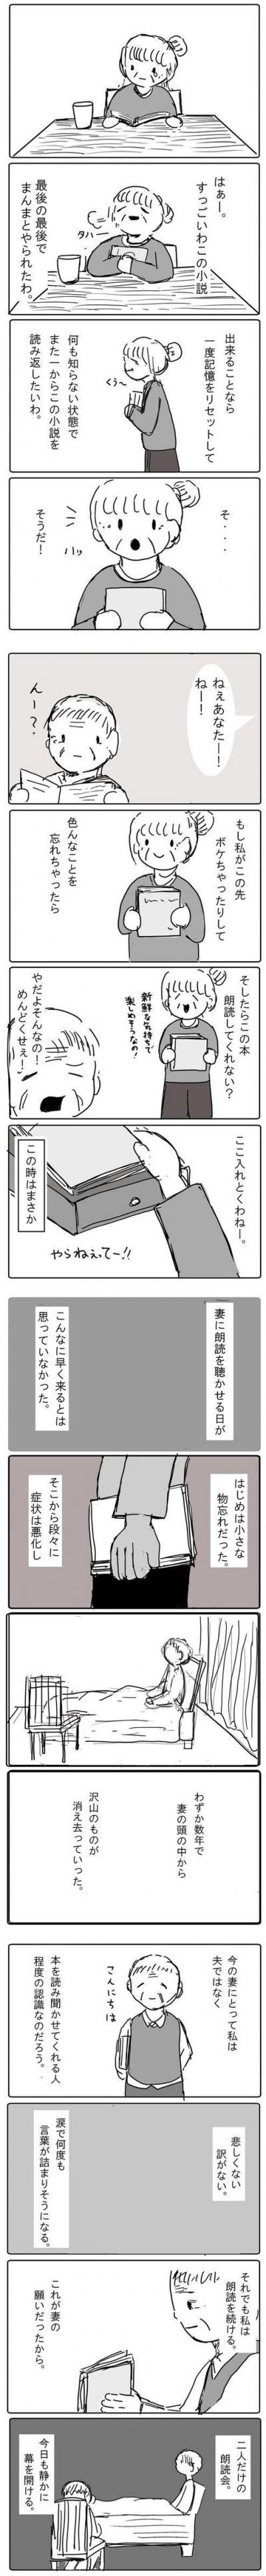 漫画『二人だけの朗読会』(1)